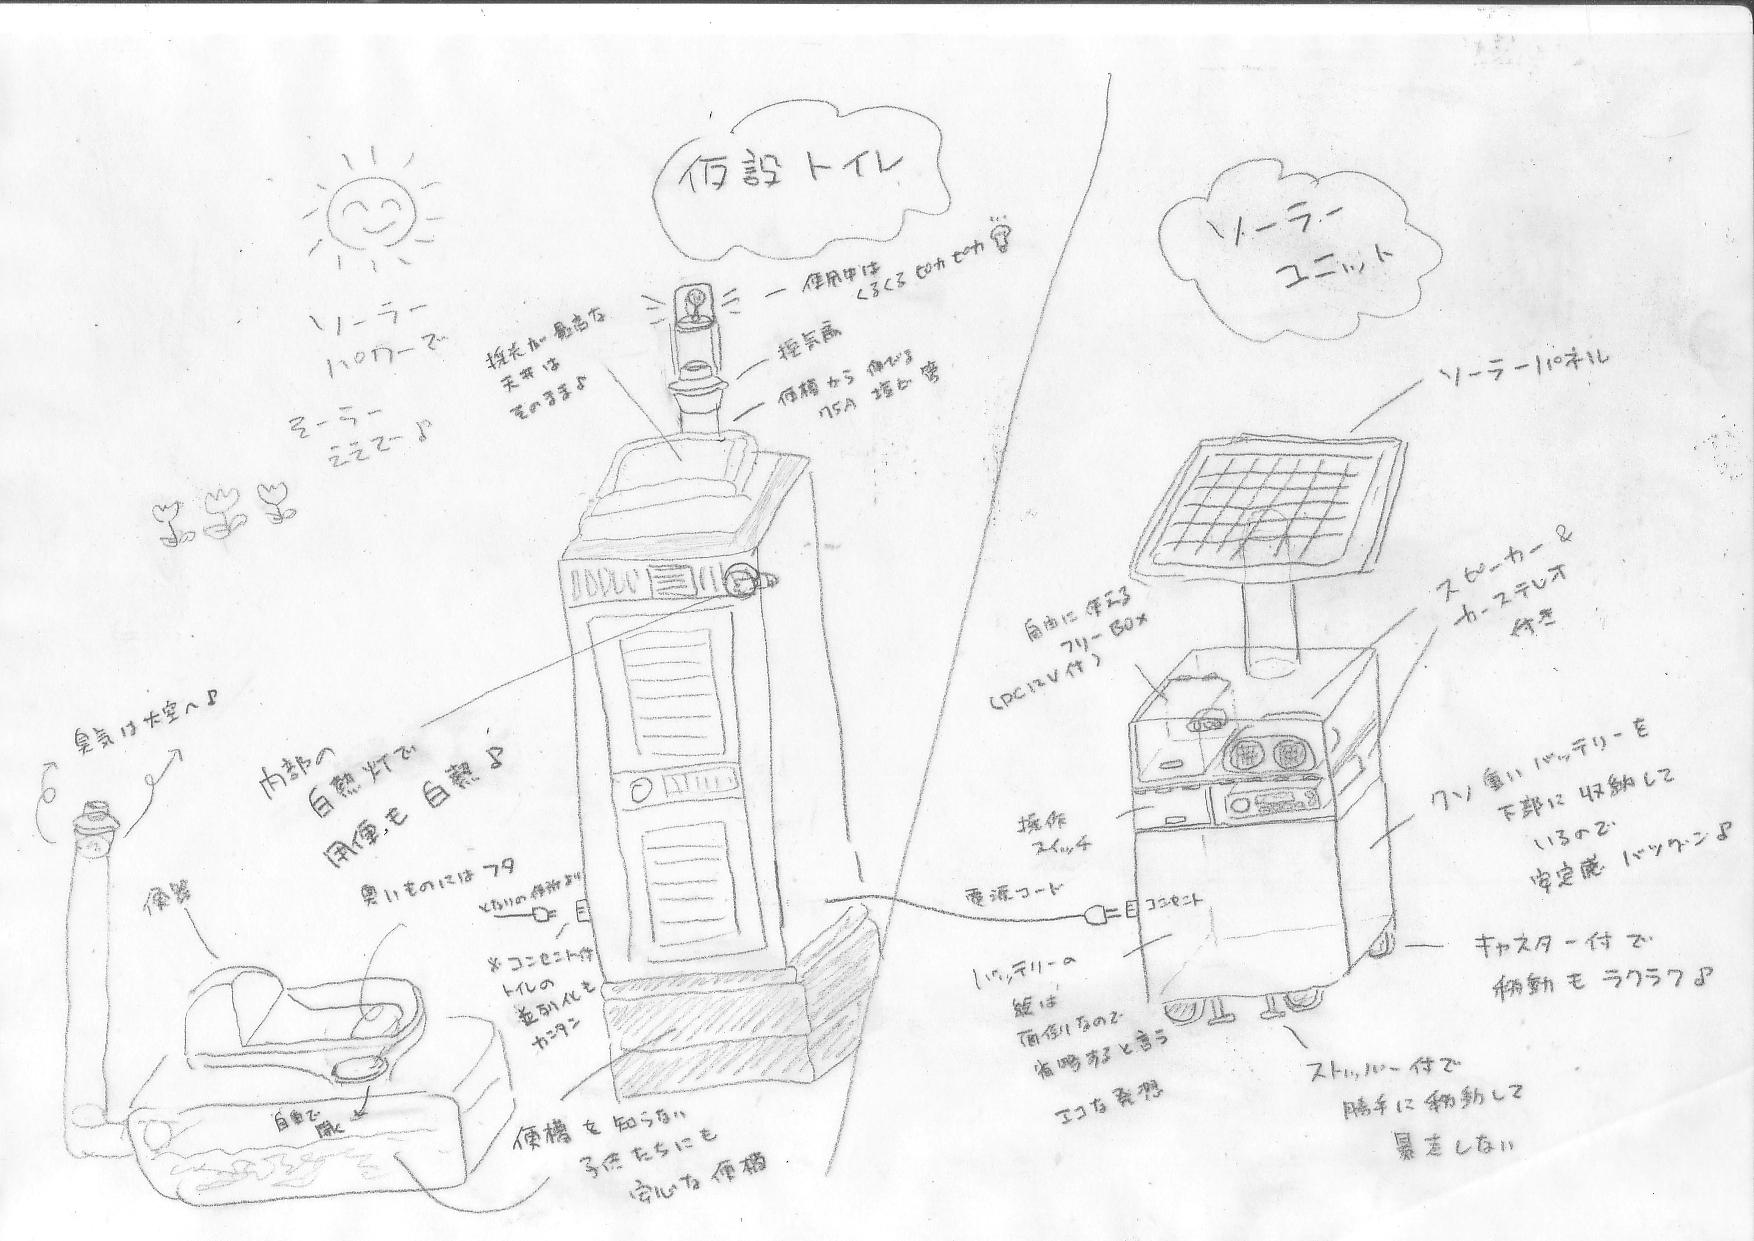 ソーラー仮設トイレ概念図♪